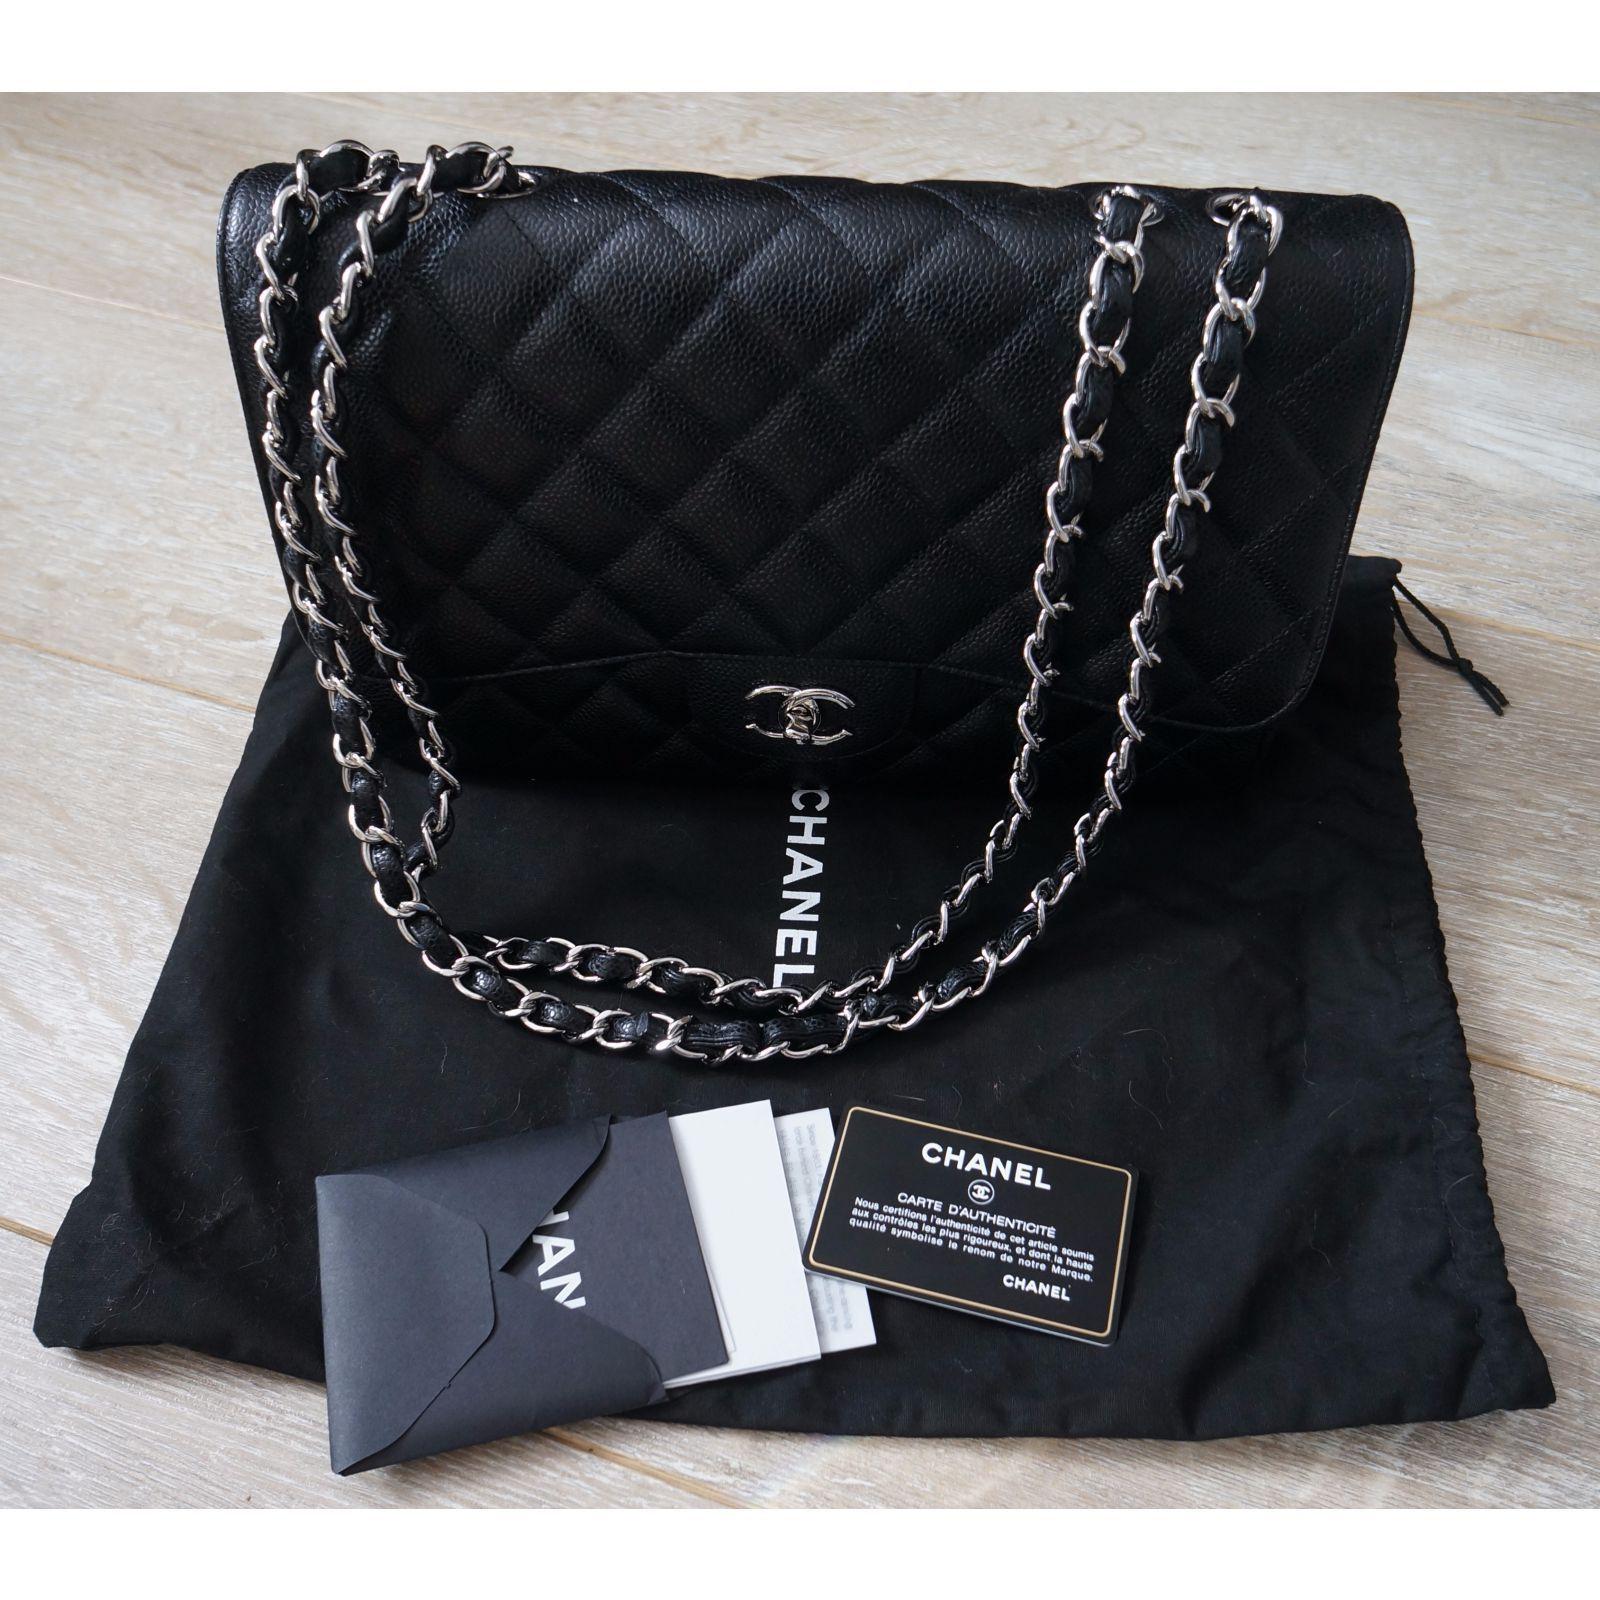 Sac Chanel Jumbo simple flap en cuir caviar noir et attributs argent. -  Etat neuf avec son dustbag et carte d authenticité - Hologramme - Booklet -  Dustbag, ... 33ea26d1fd2